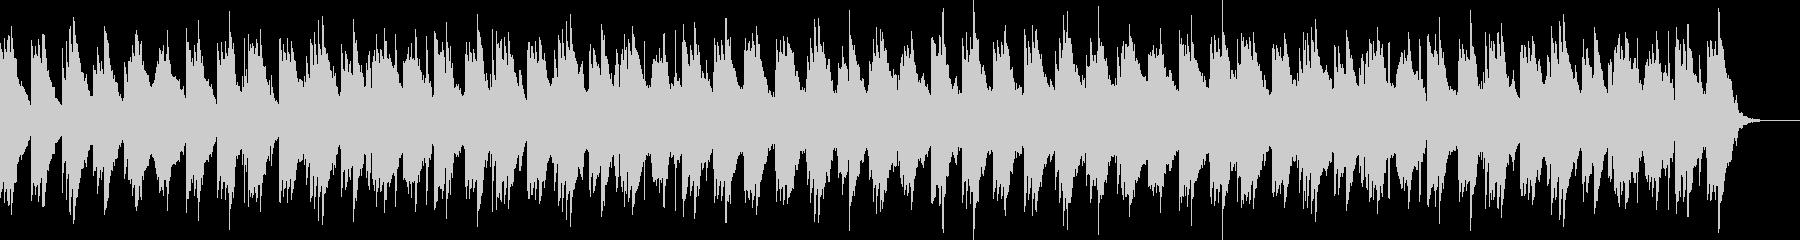 刺激的でエレガントに編成されたピアノと弦の未再生の波形